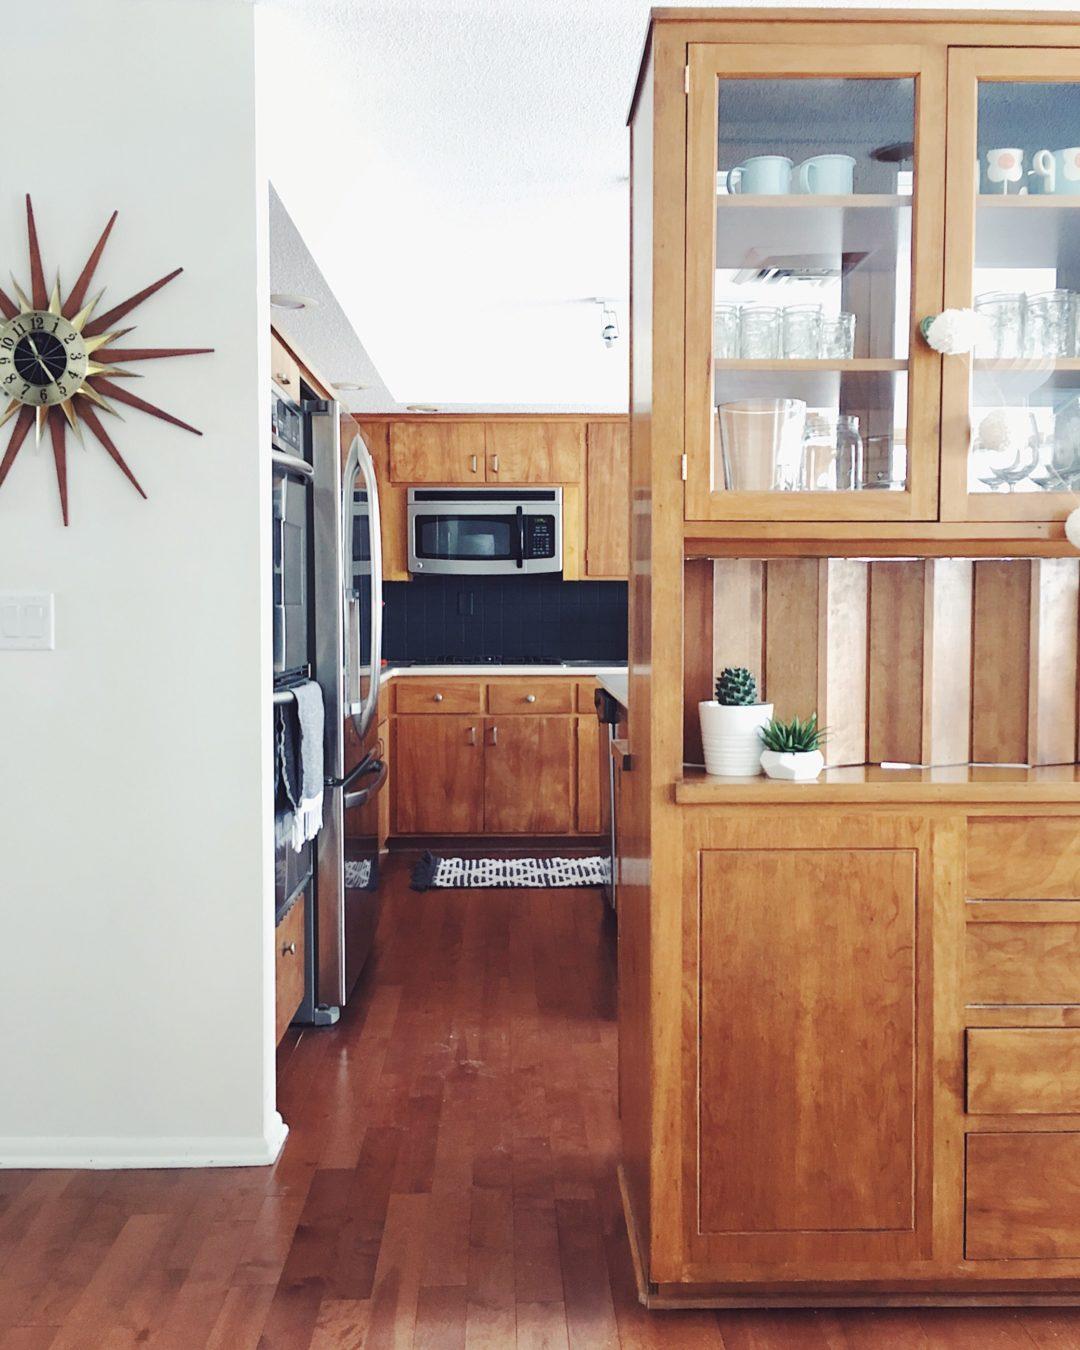 Kitchen Renovation Planner: Kitchen Remodel Planning